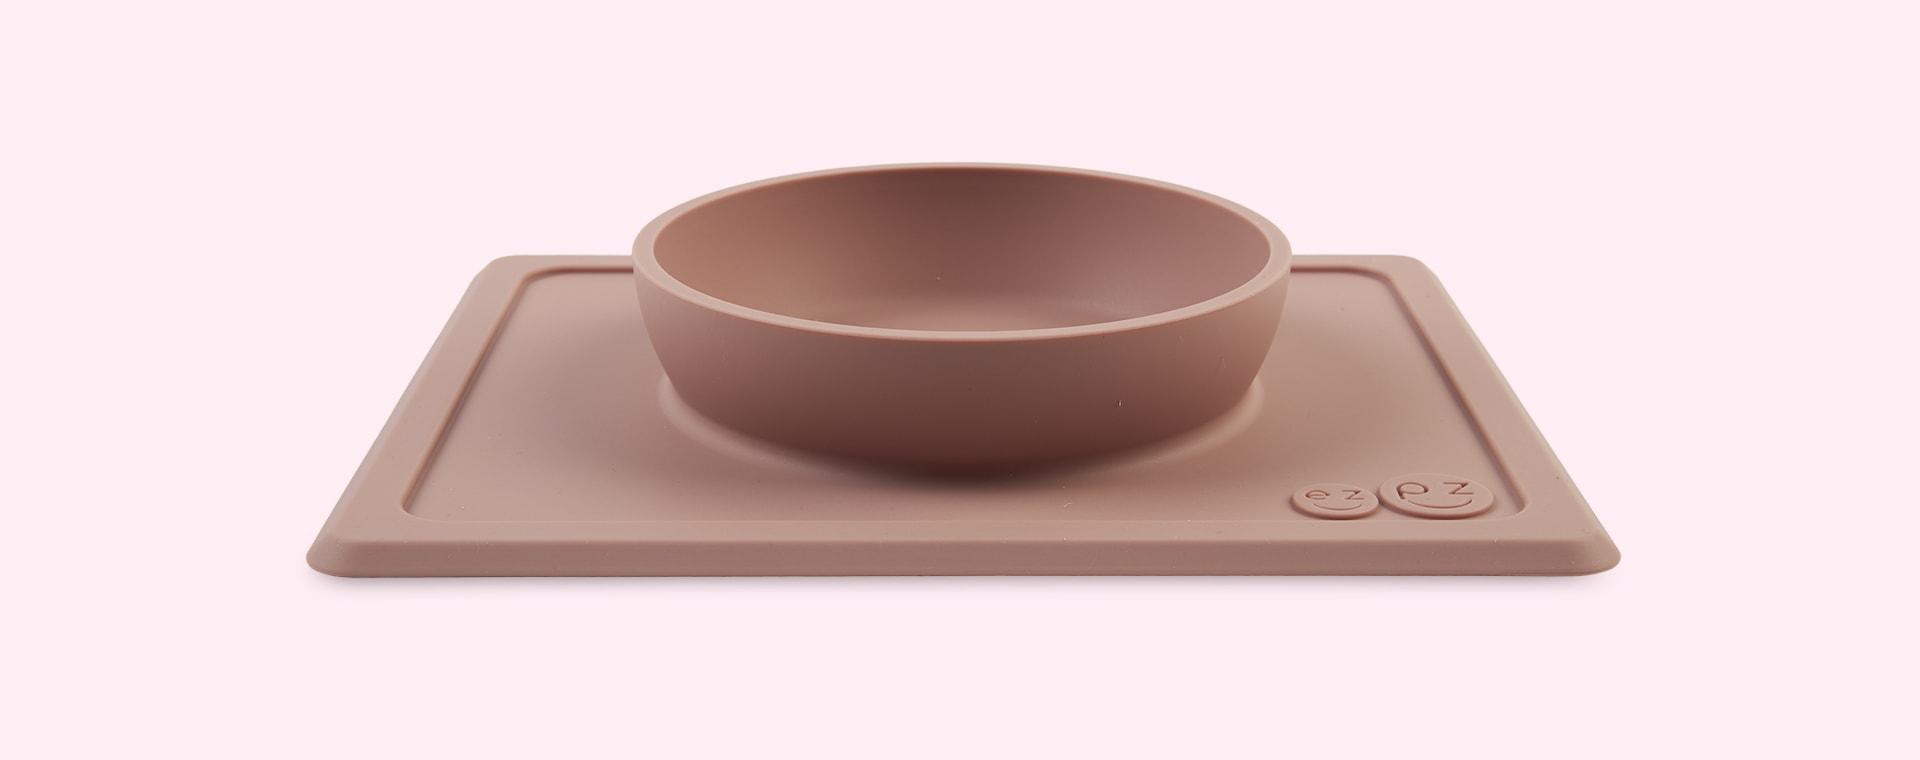 Blush EZPZ Mini Bowl